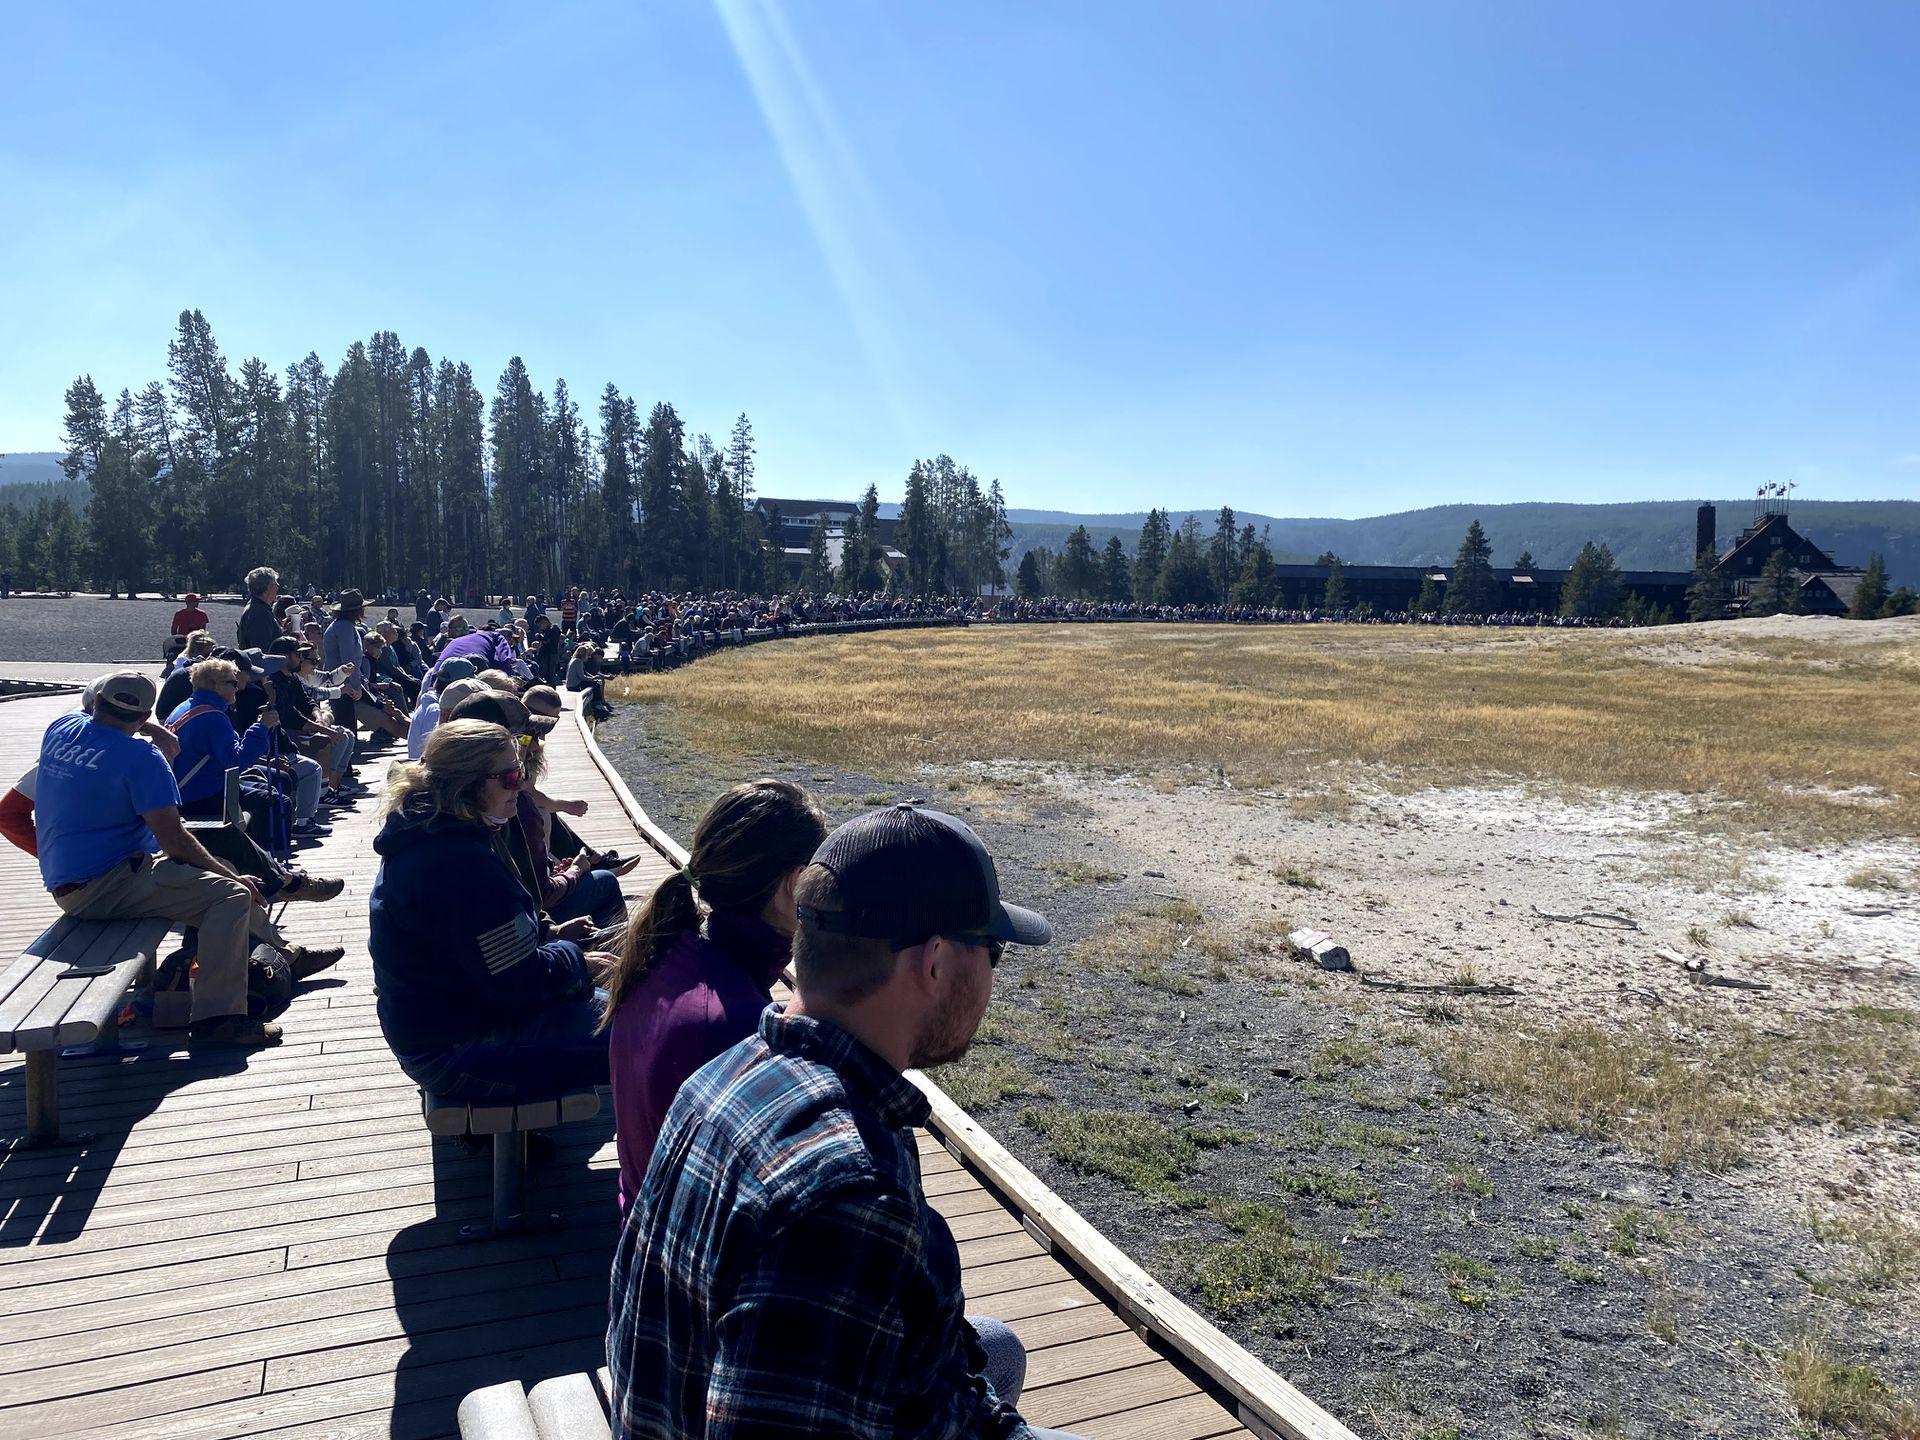 Una multitud espera la erupción del Old Faithfull, el geyser más antiguo y el más predecible del parque.